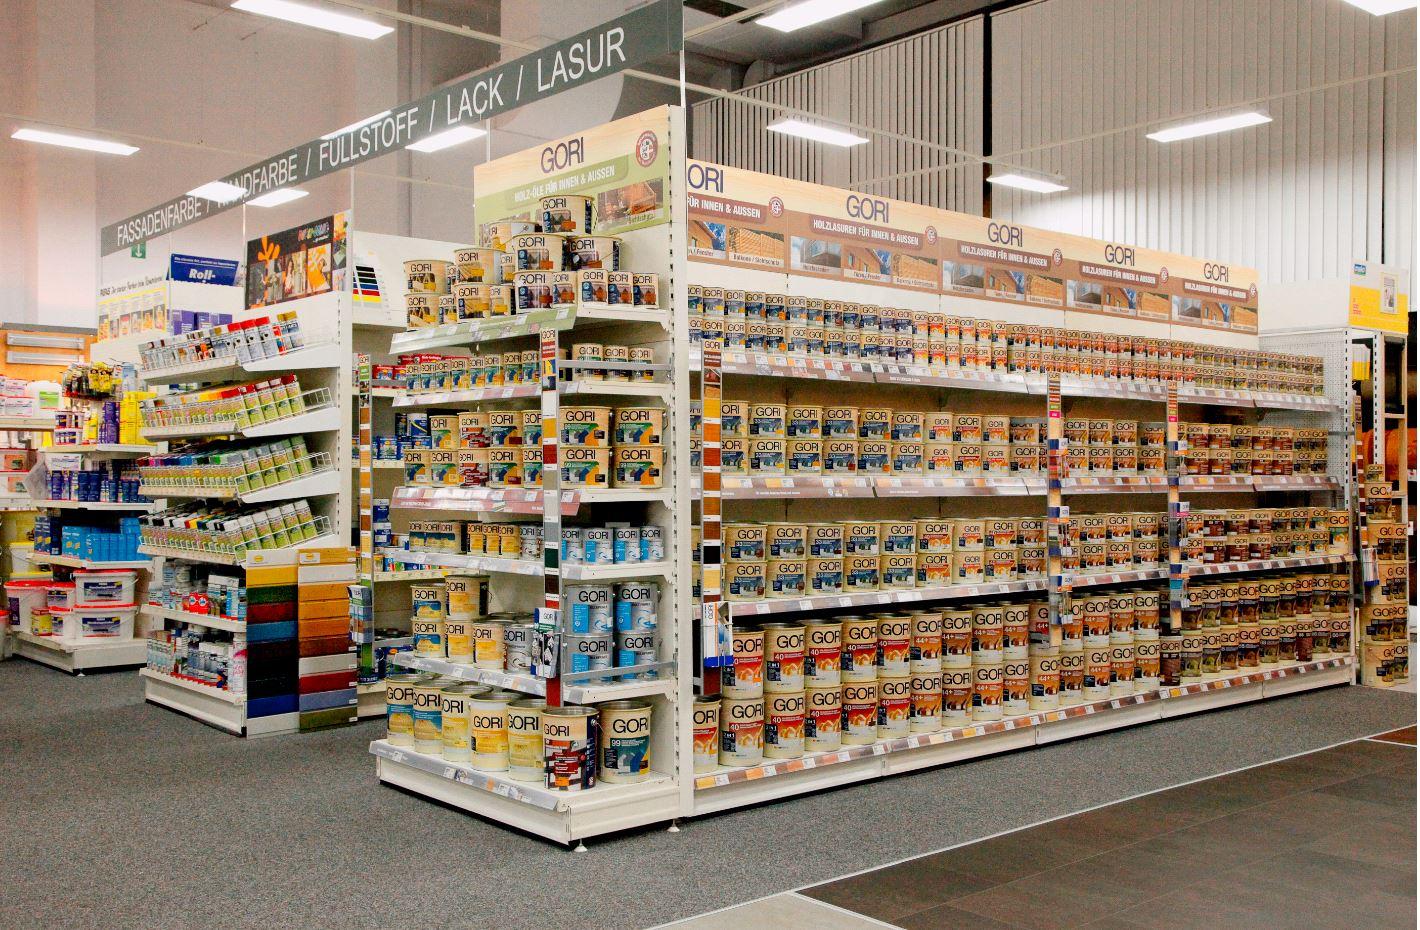 Farben und raumgestaltung wilhelm heimbach e k for Raumgestaltung 2 farben